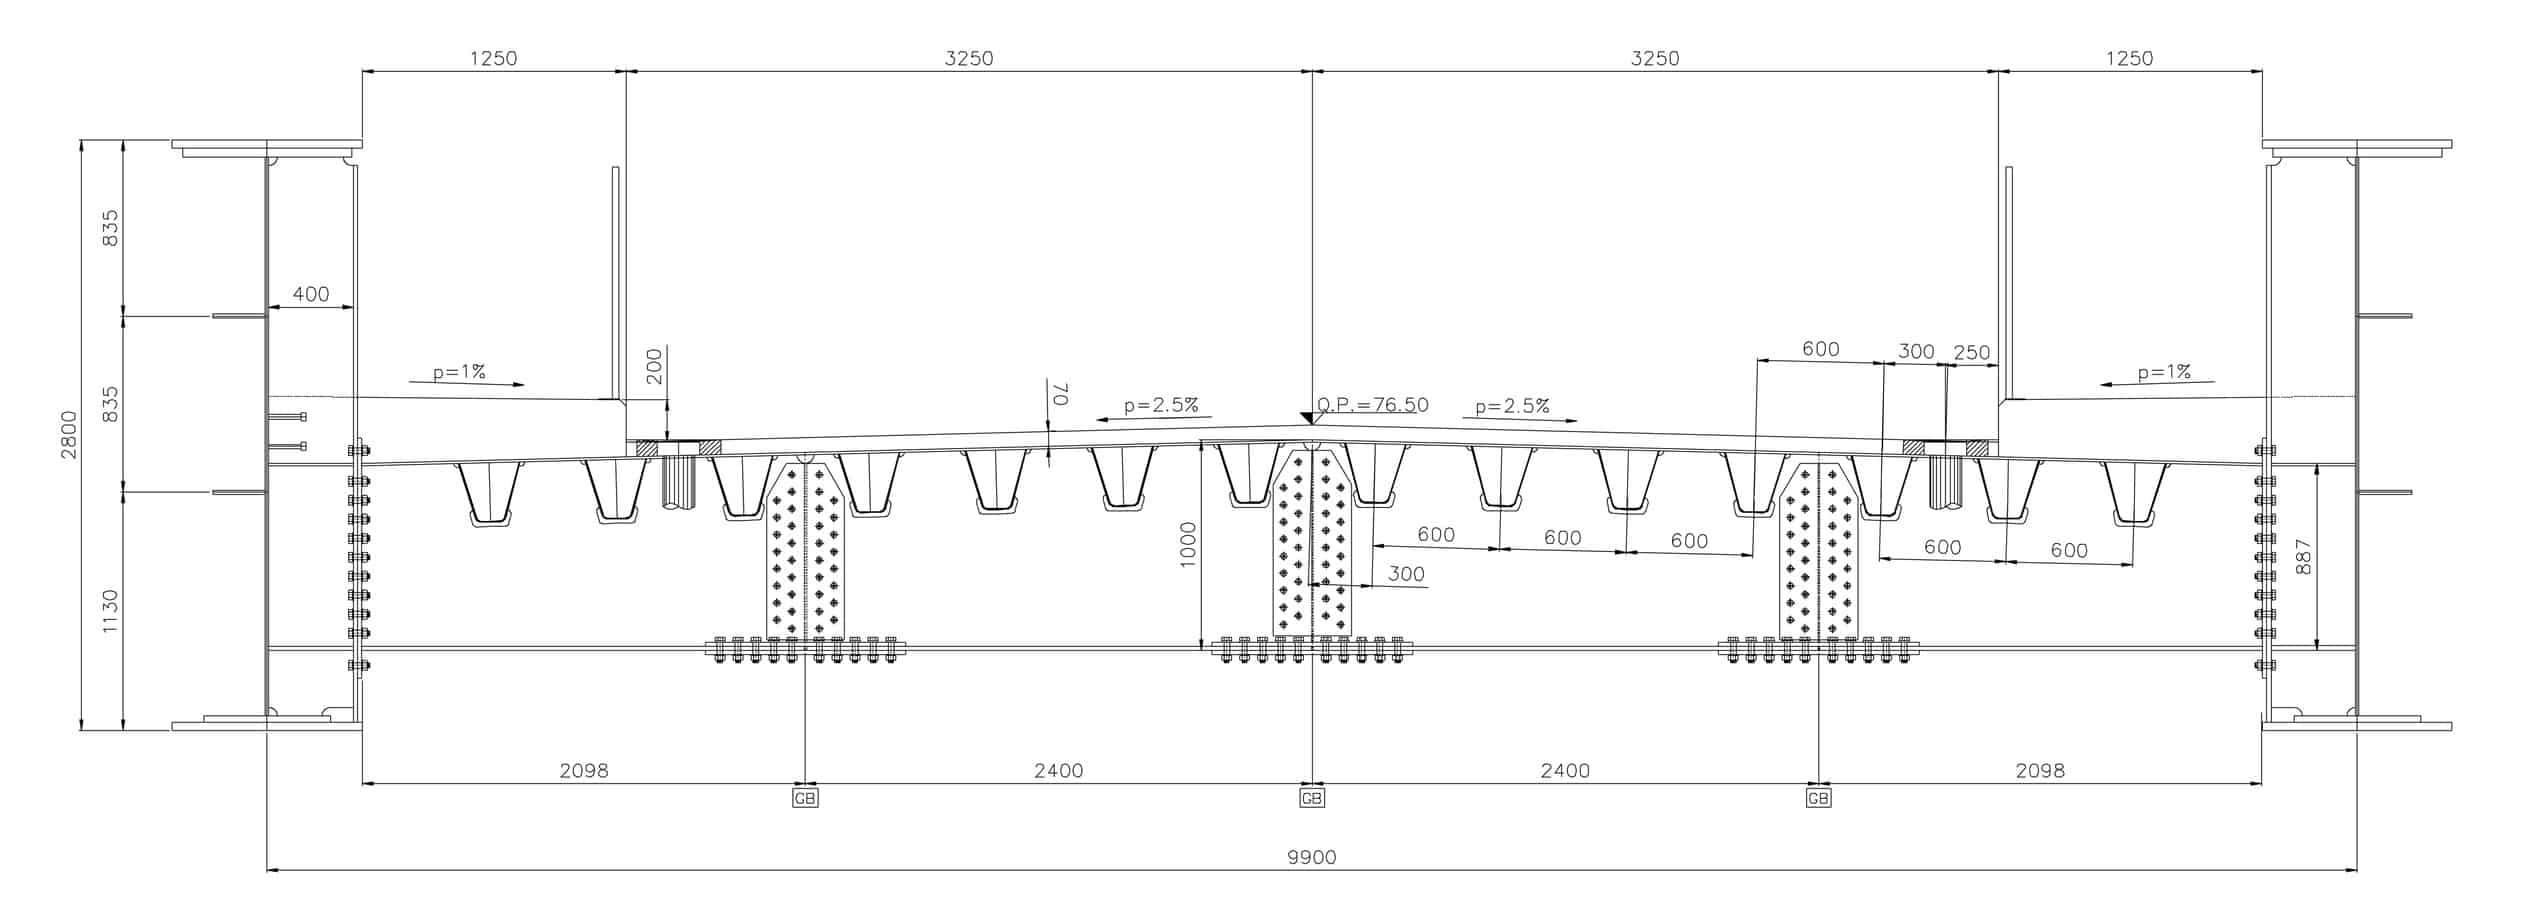 La sezione trasversale tipica di progetto